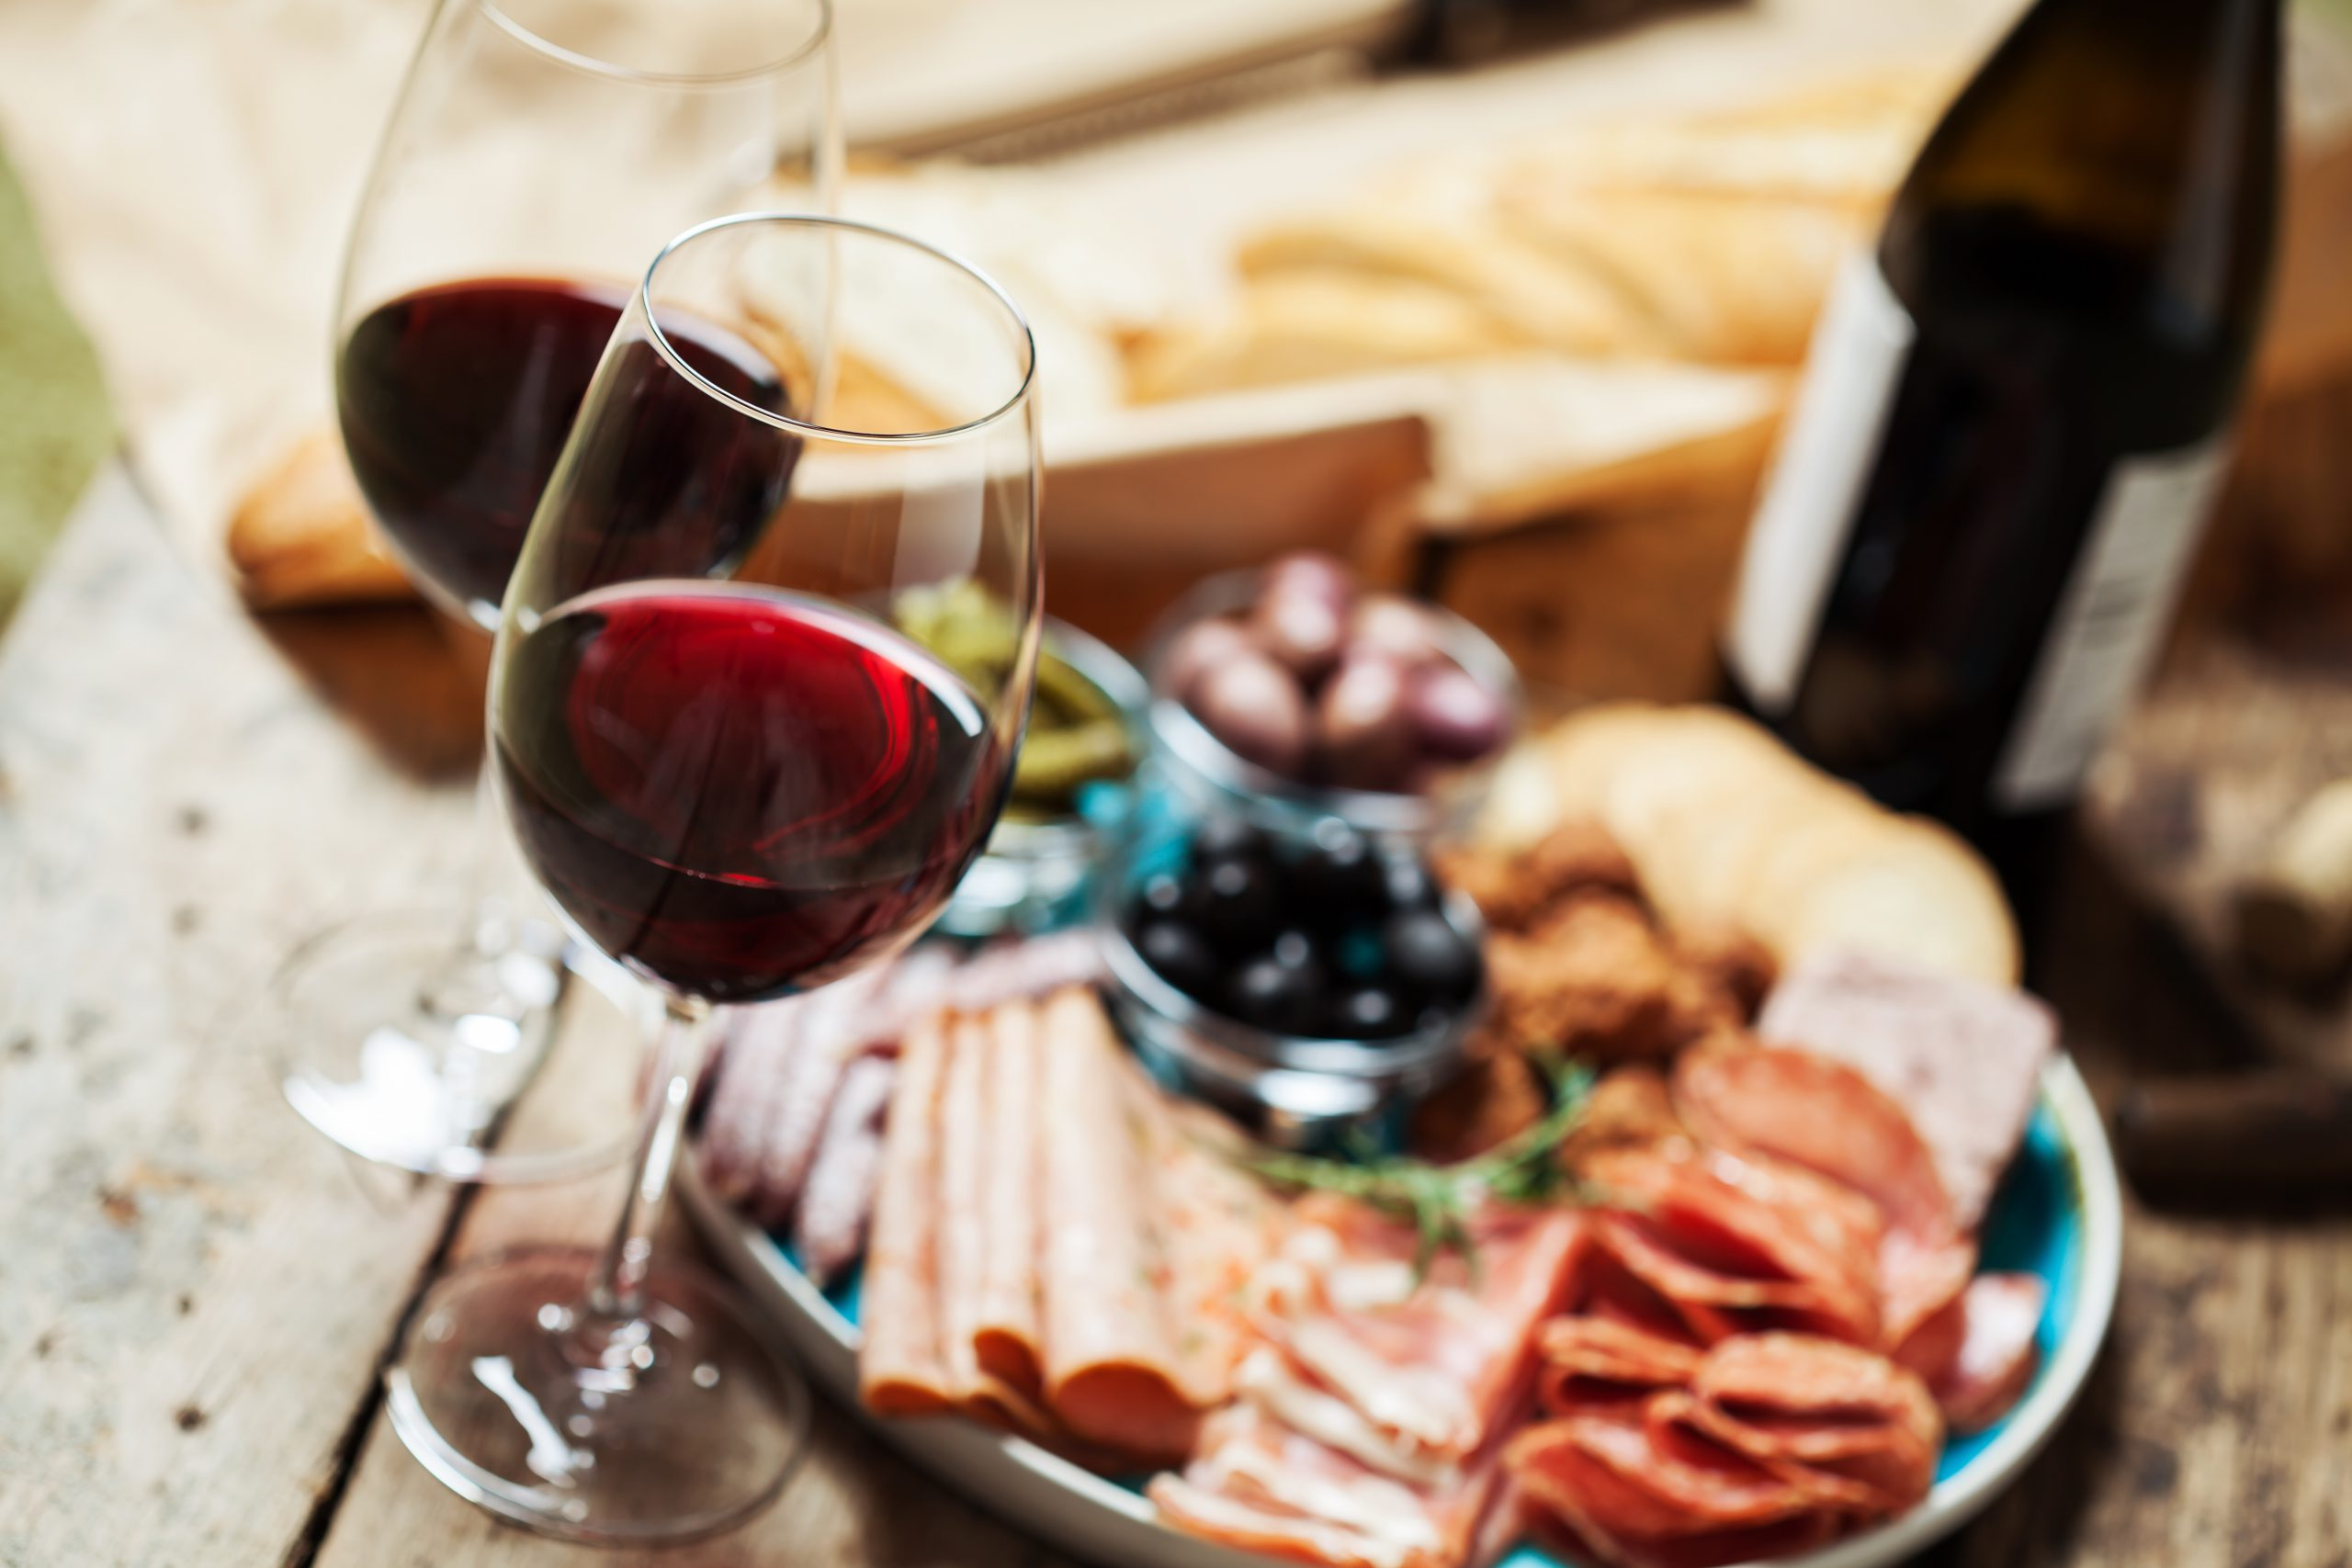 燻製のおつまみと相性の良いワインをご紹介